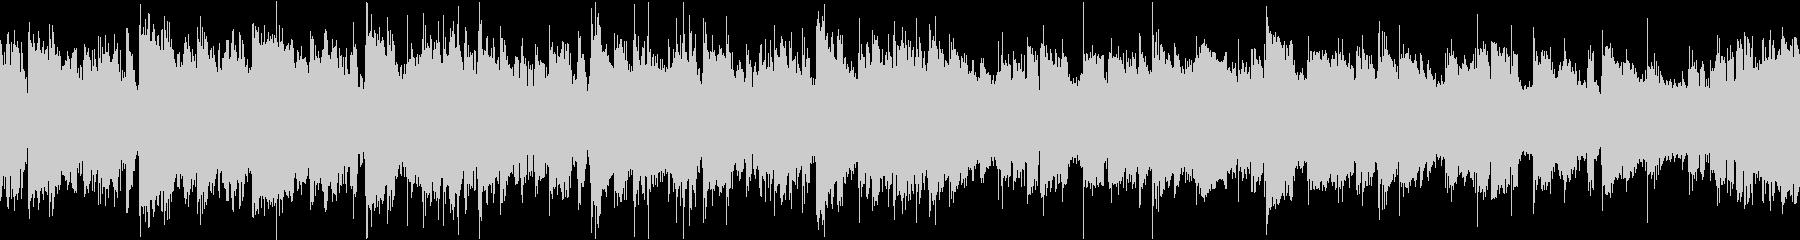 アコギが中心の穏やかな曲_ループ仕様1の未再生の波形